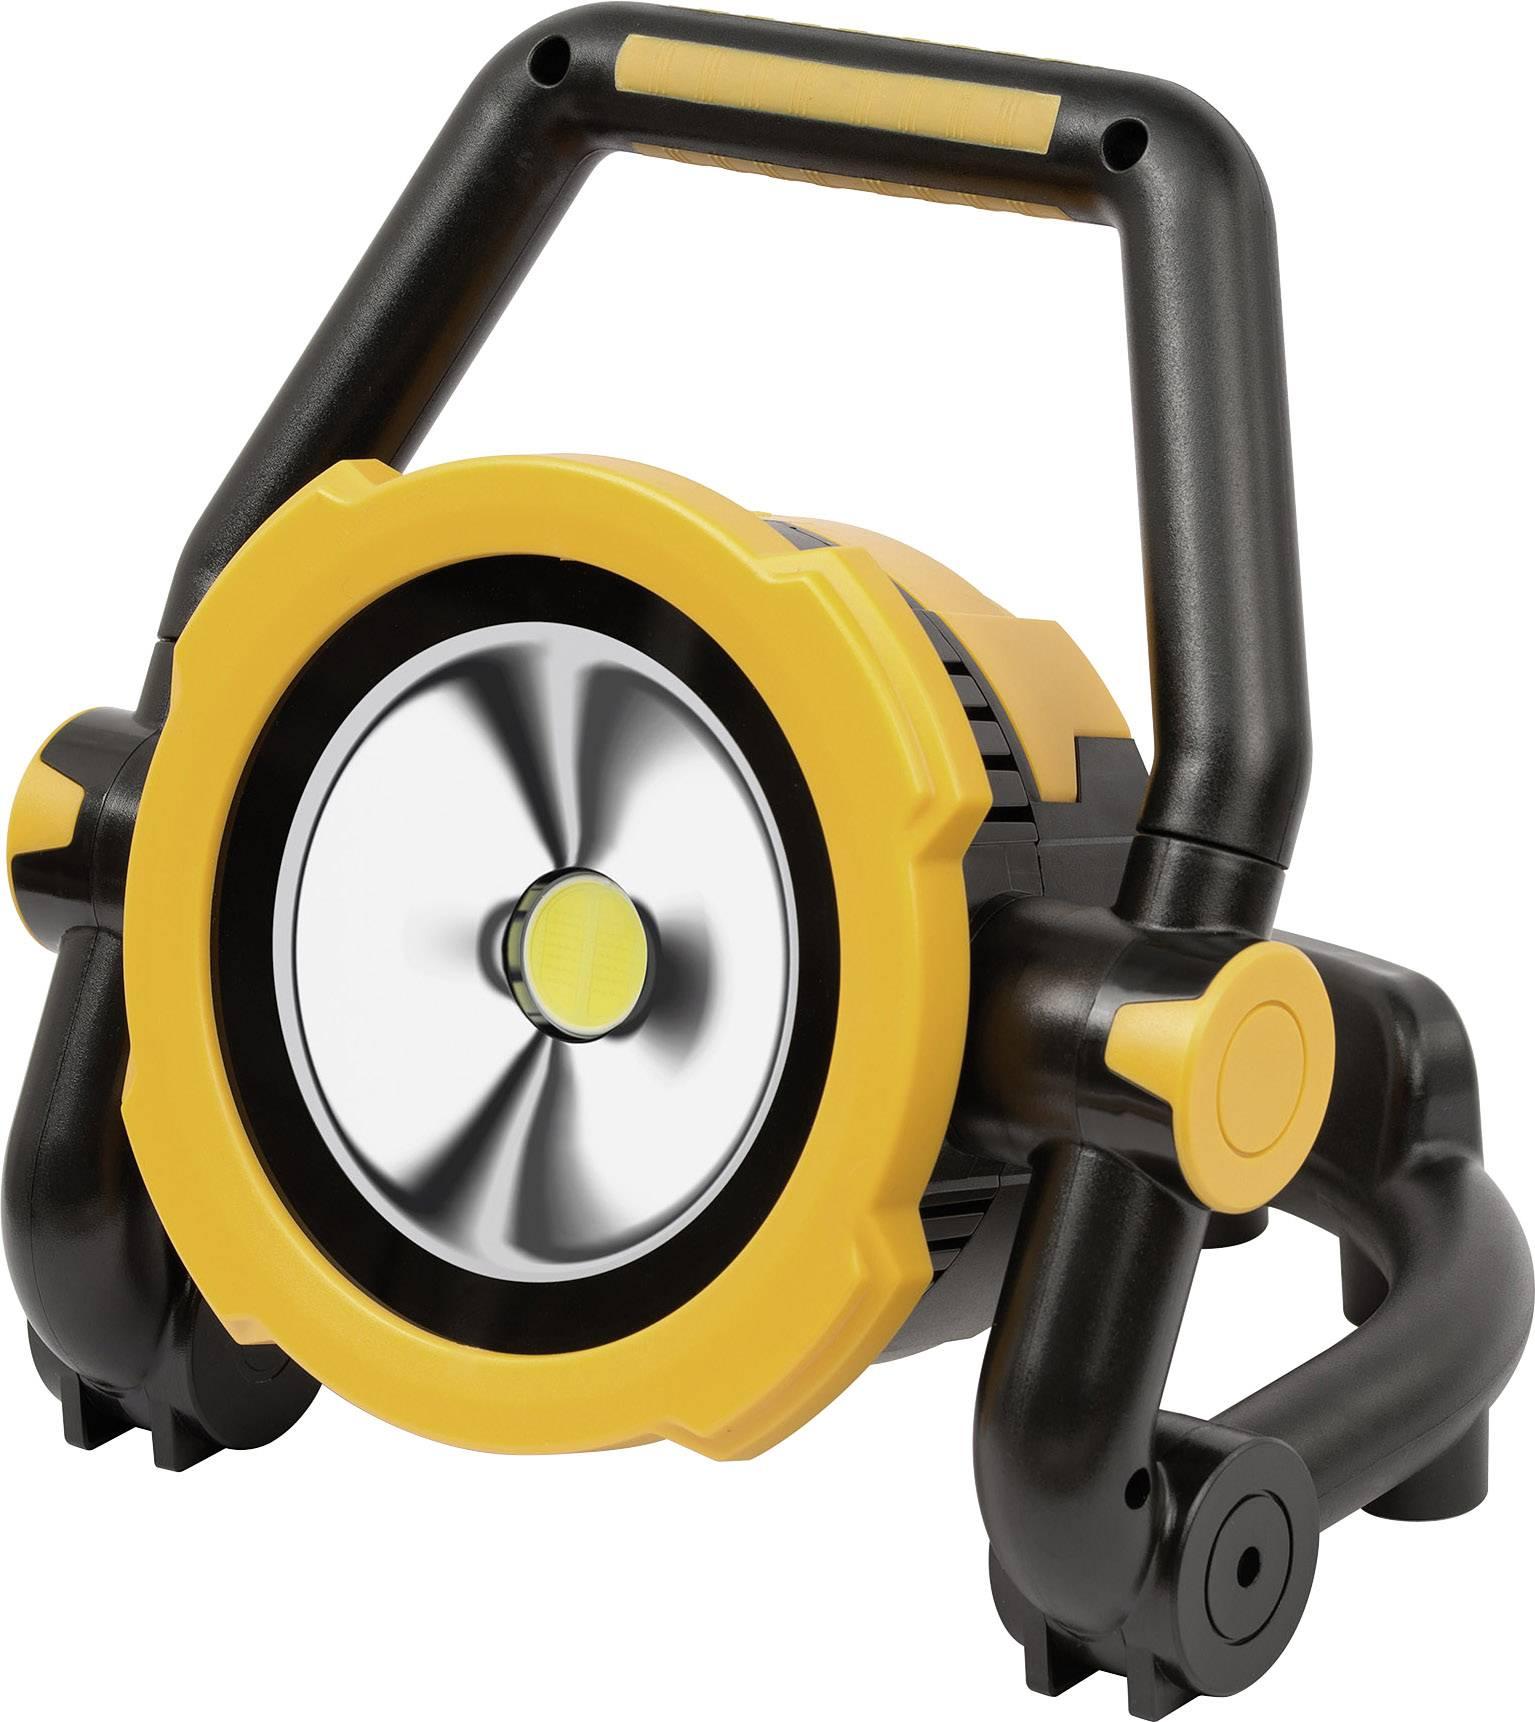 Akumulátorové LED pracovní osvětlení a powerbanka 2 v 1 Brennenstuhl 1171430, 30 W, USB